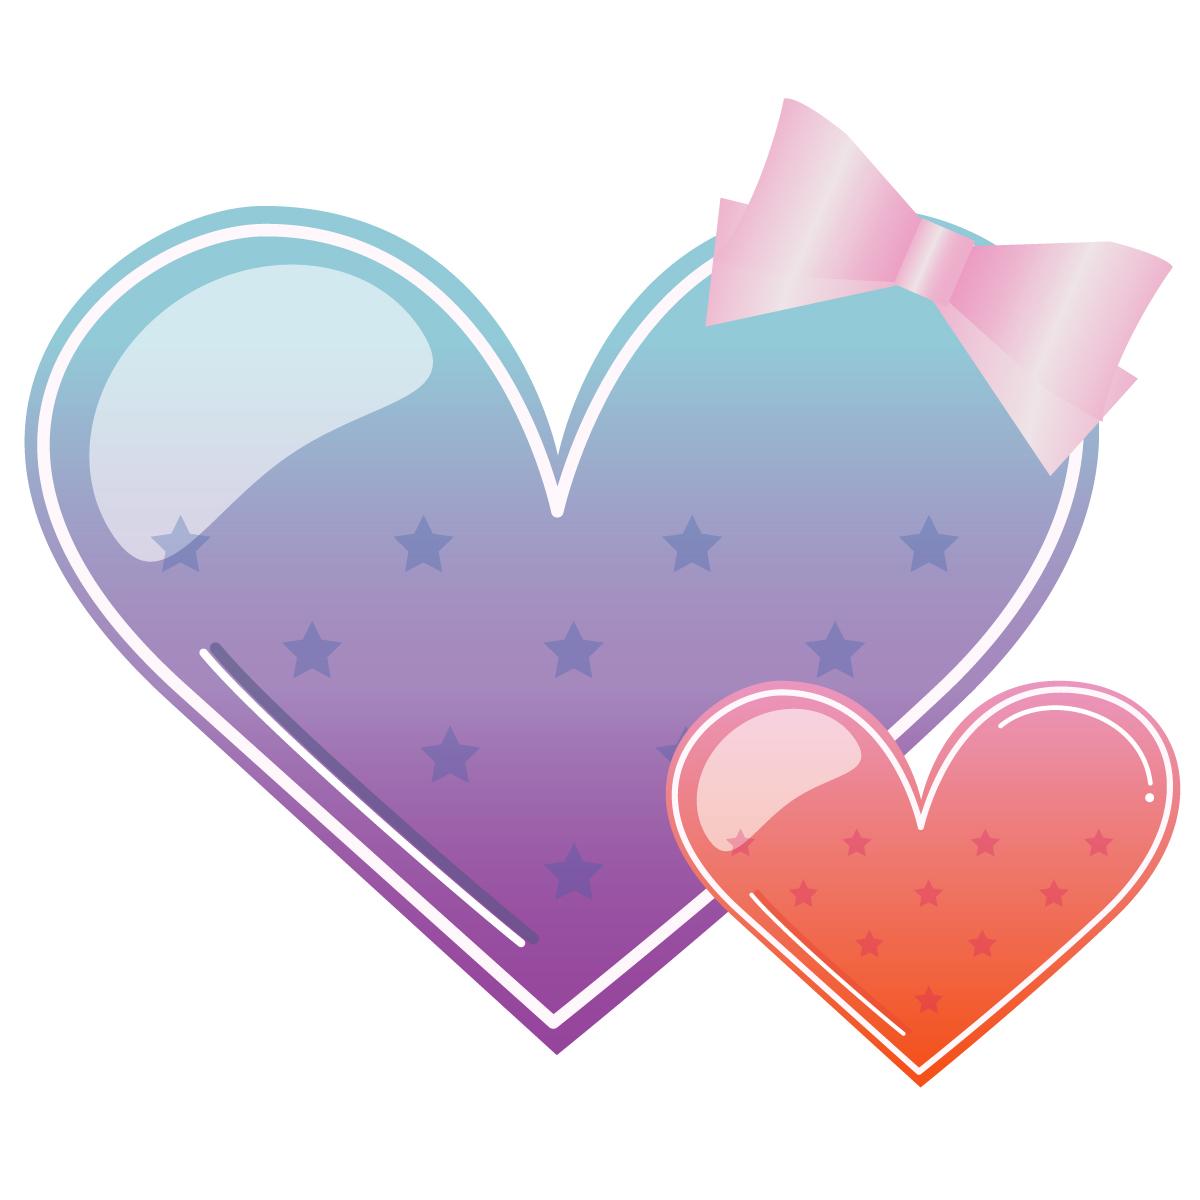 heart2_ri.jpg